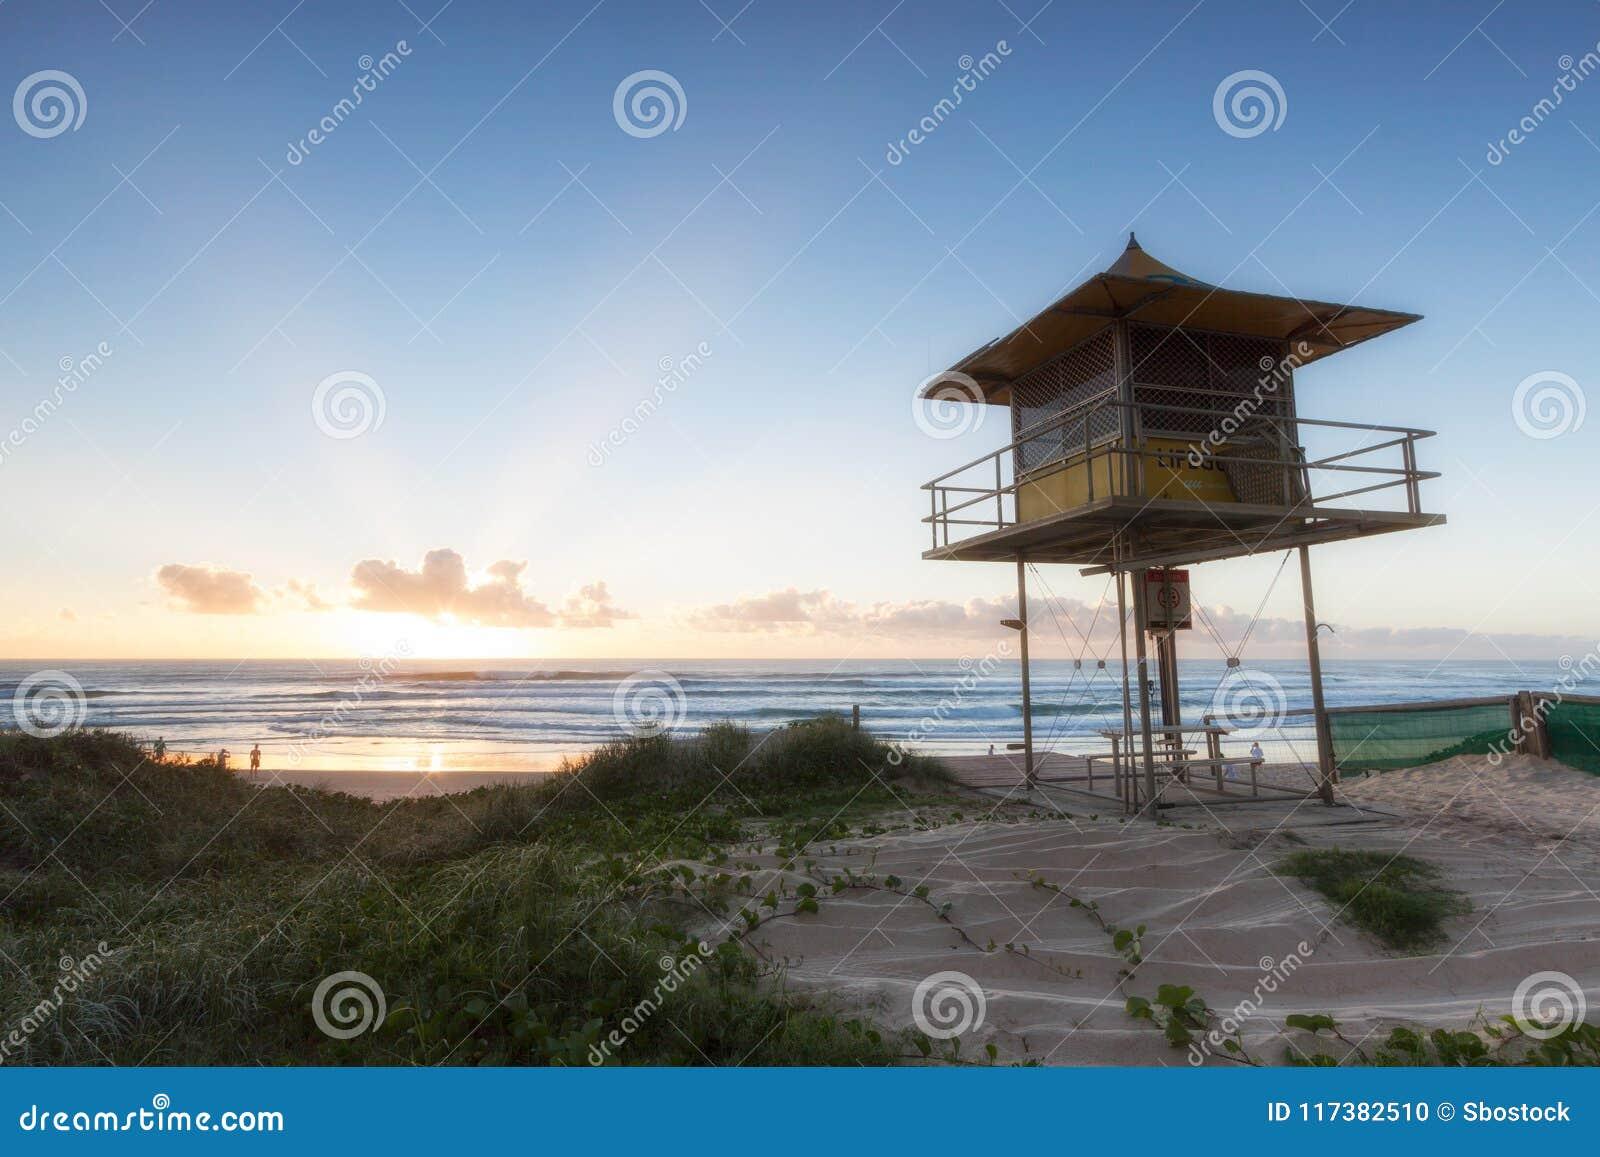 Leibwächterpatrouillenturm auf dem Strand bei Sonnenaufgang, Gold Coast Australien